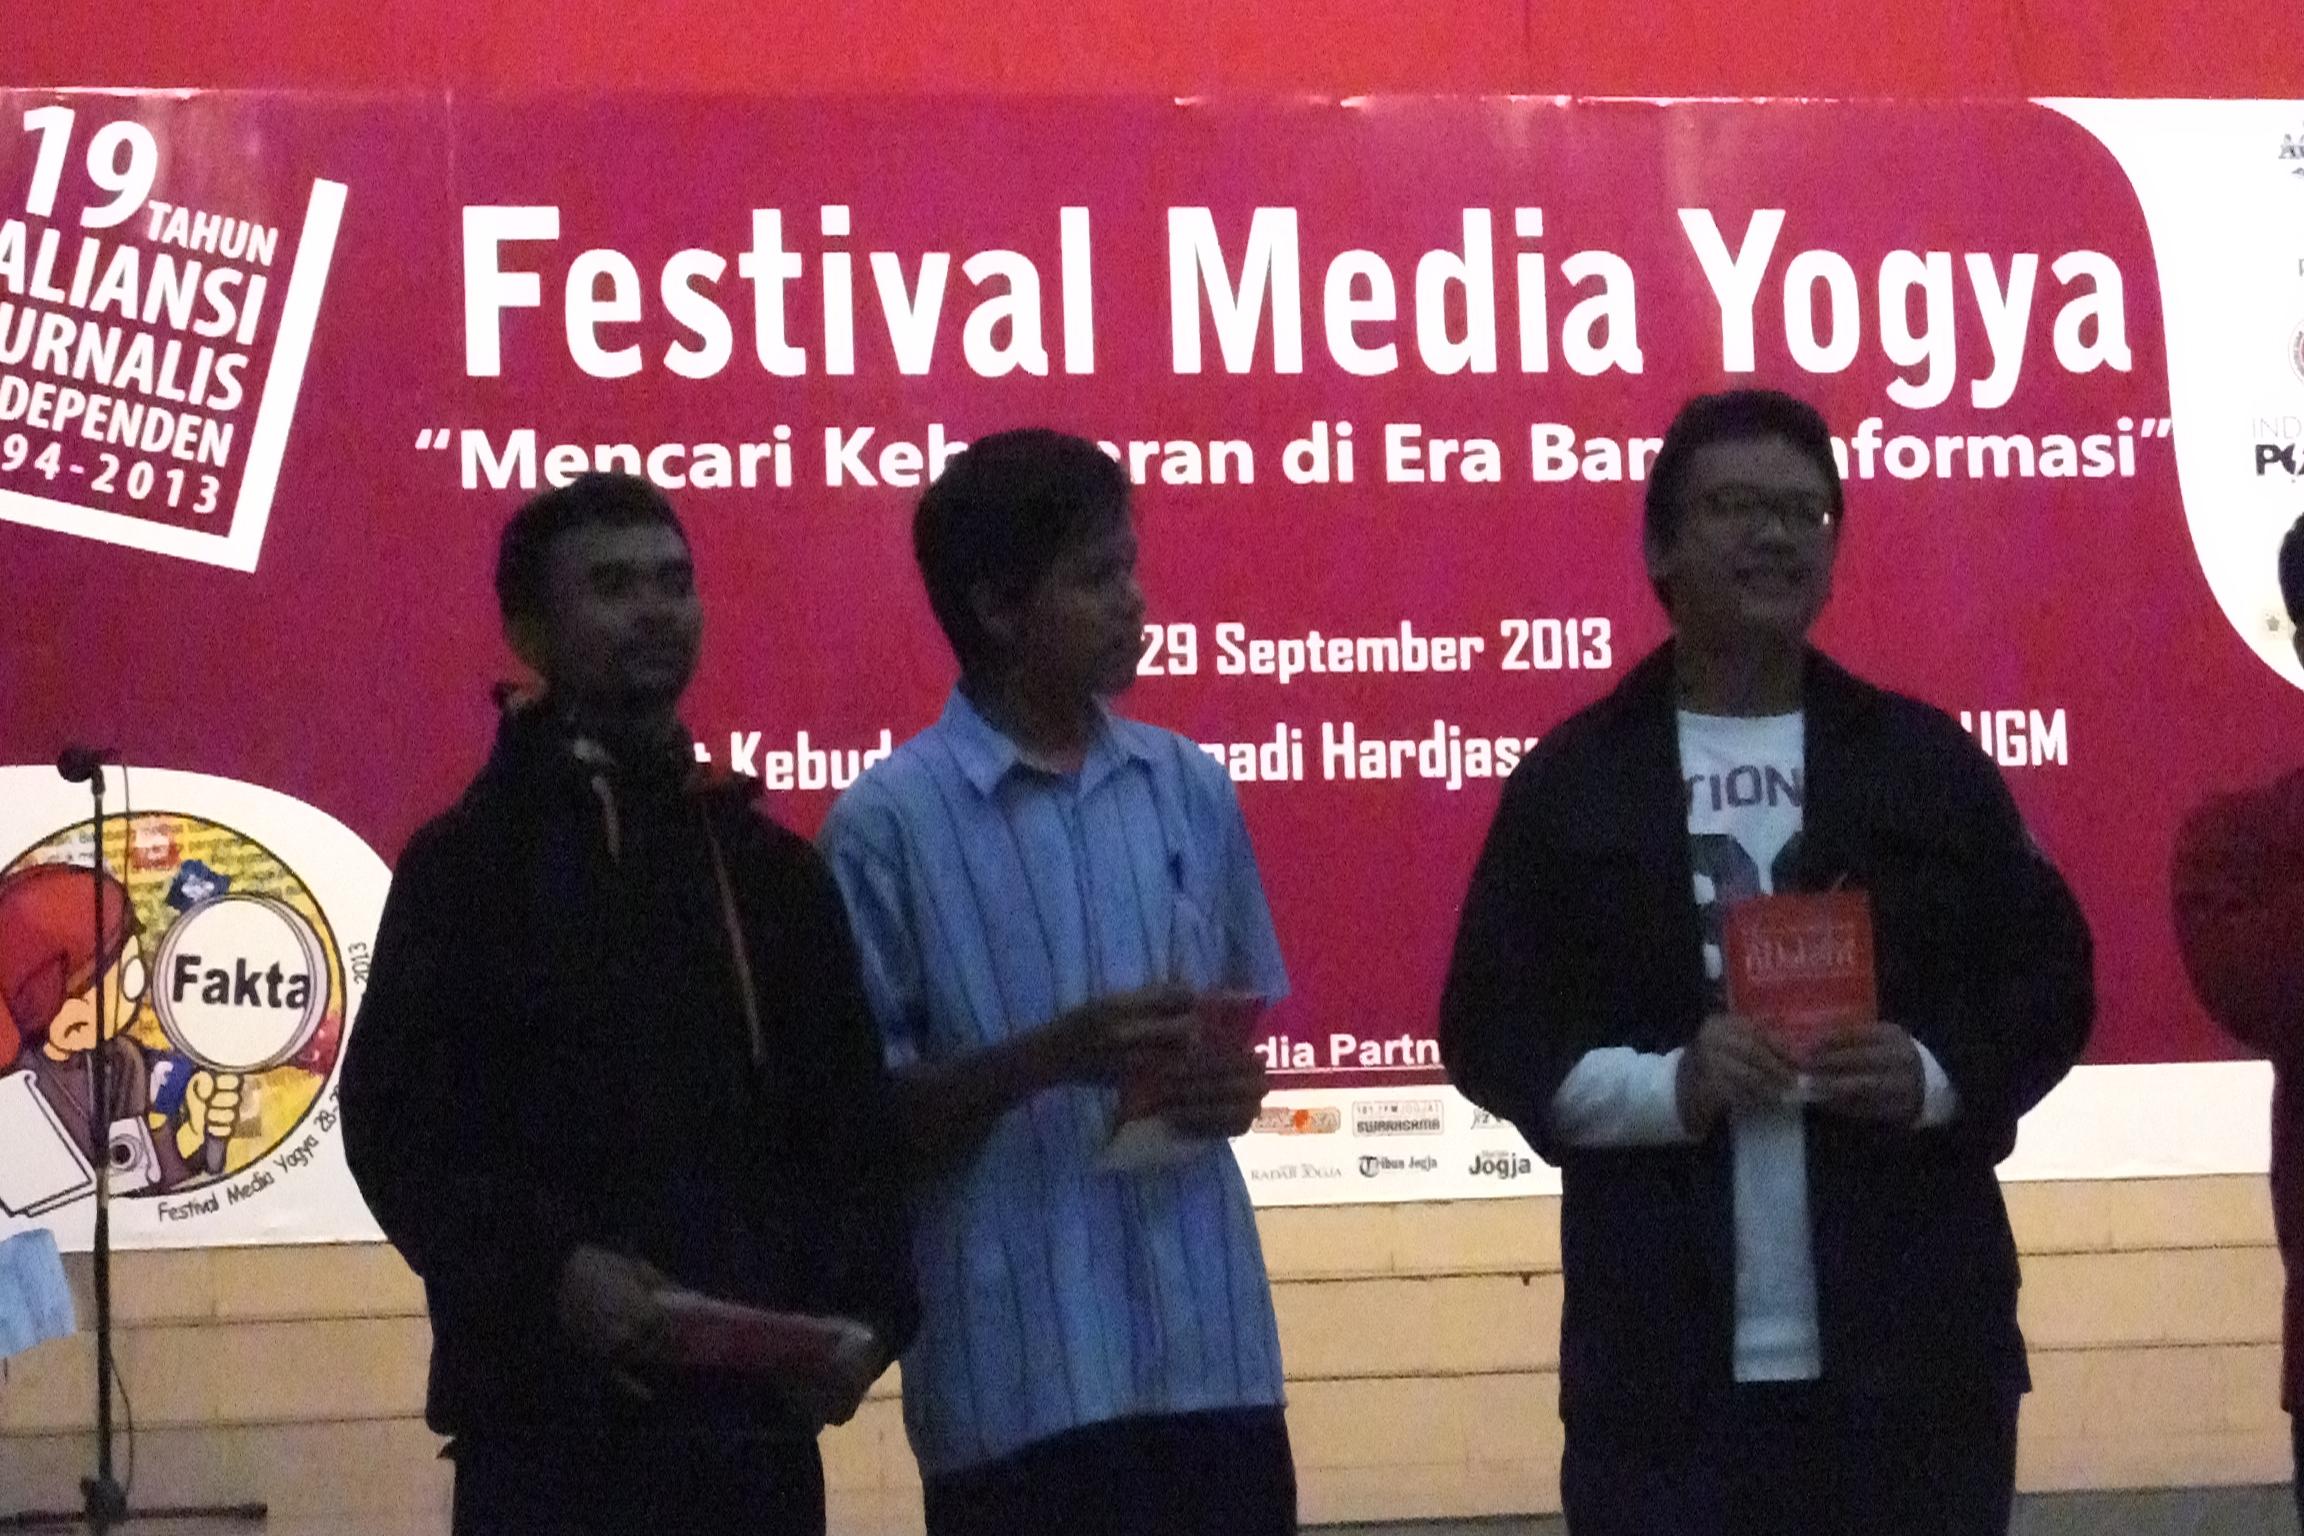 Festival Media Yogya 2013